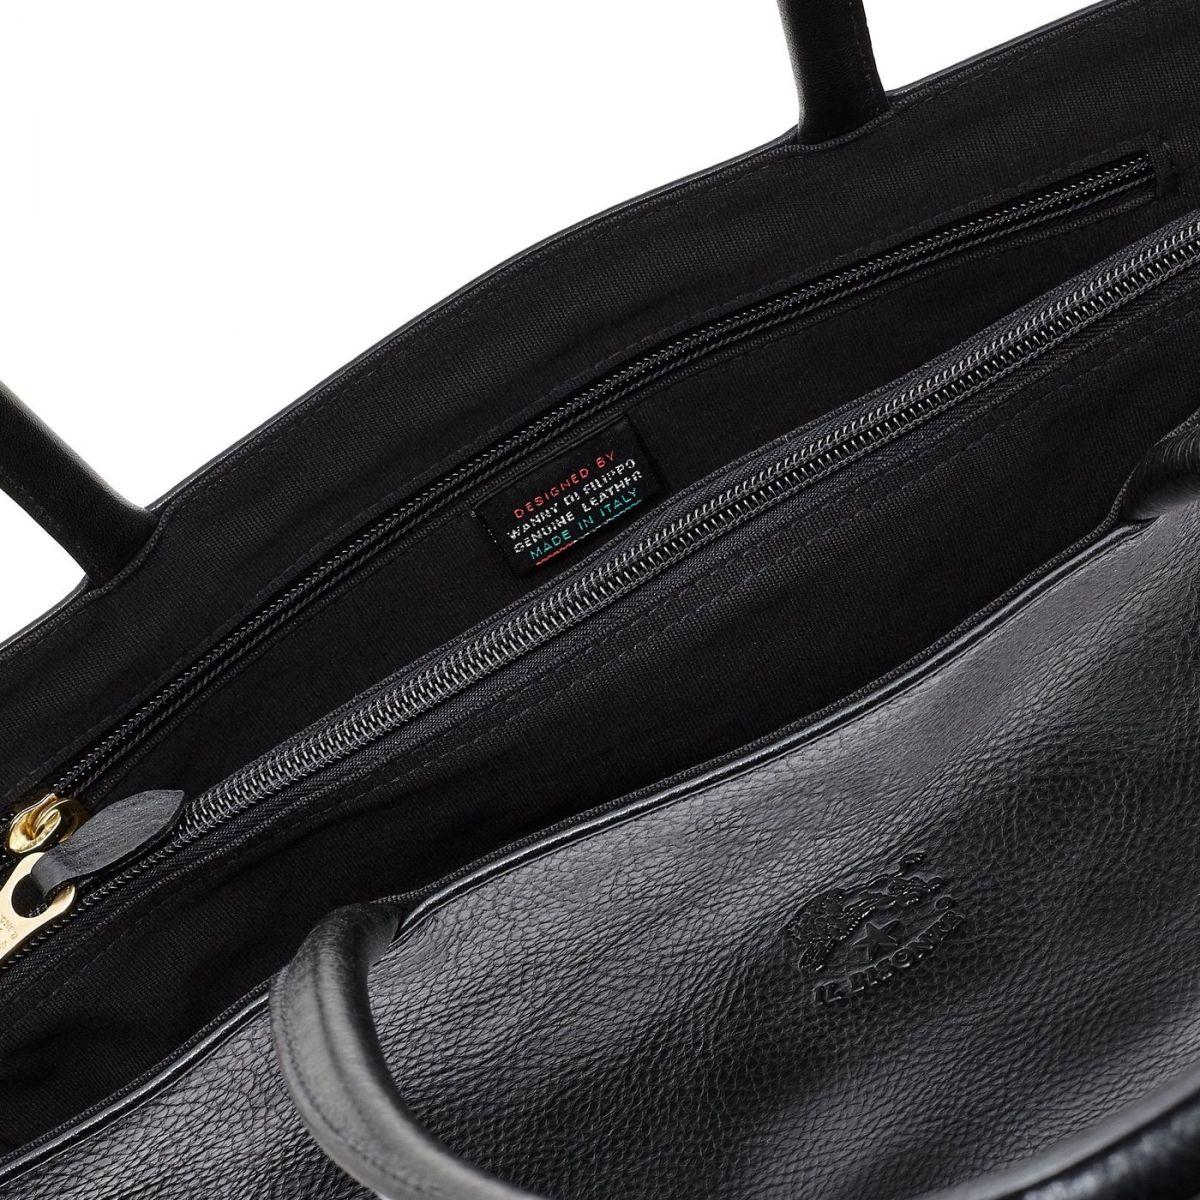 Sac Epaule pour Femme en Cuir De Vachette Doublé BSH007 couleur Noir | Details